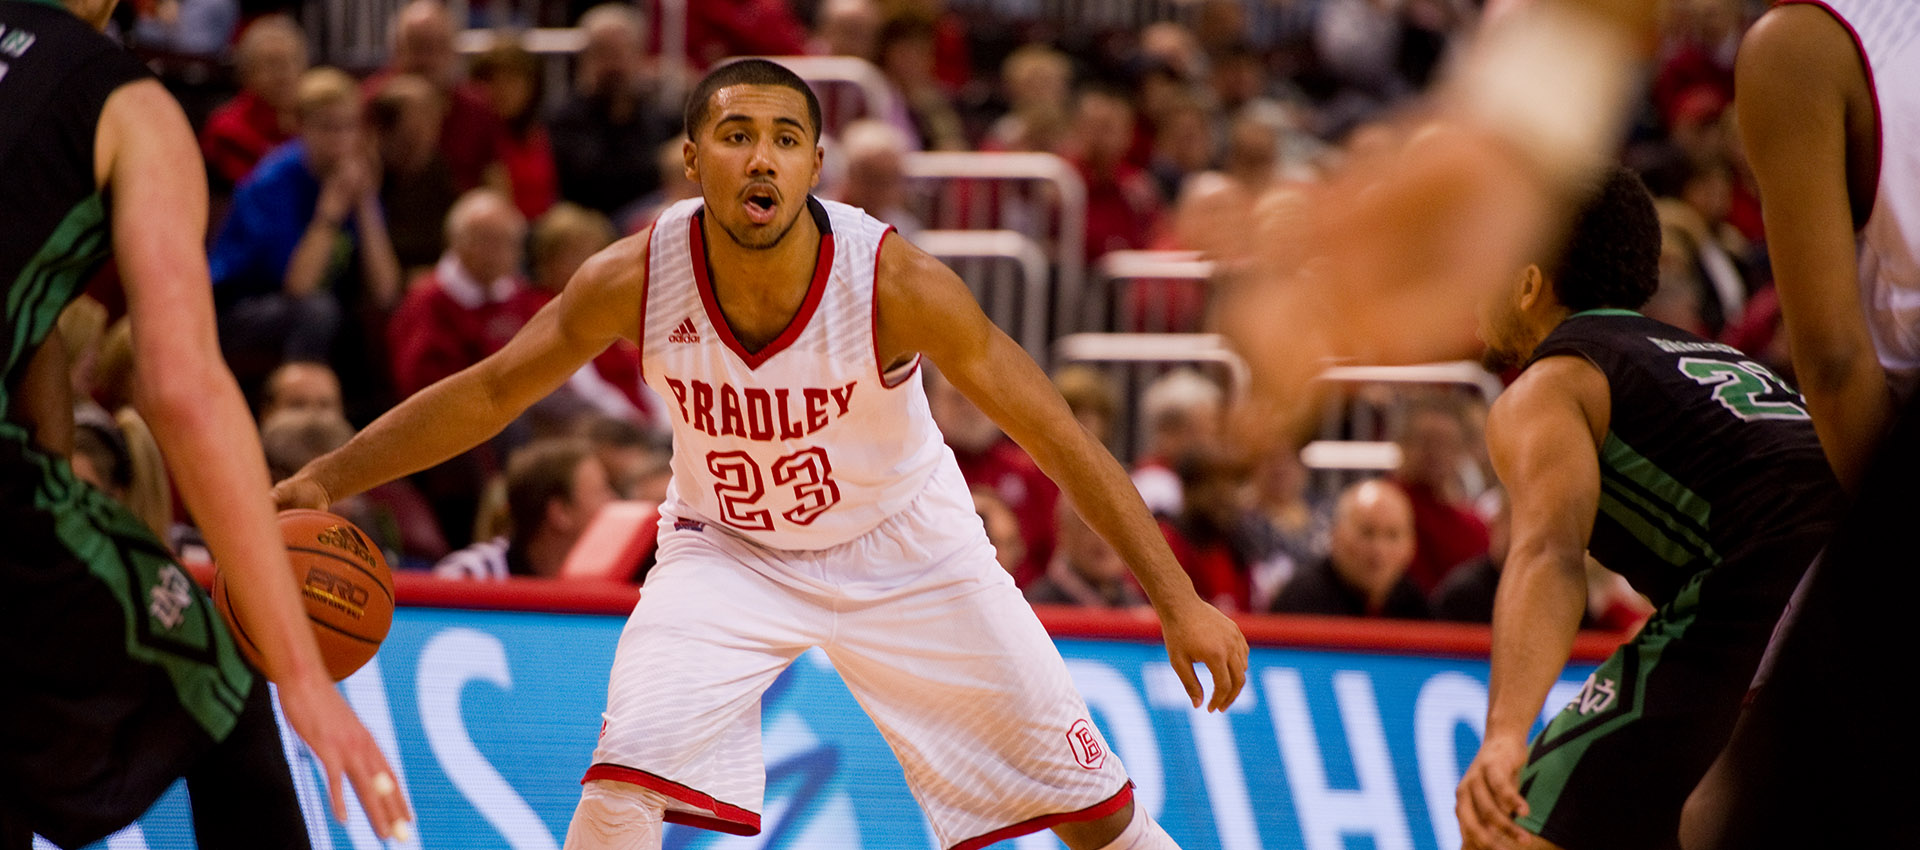 Bradley4